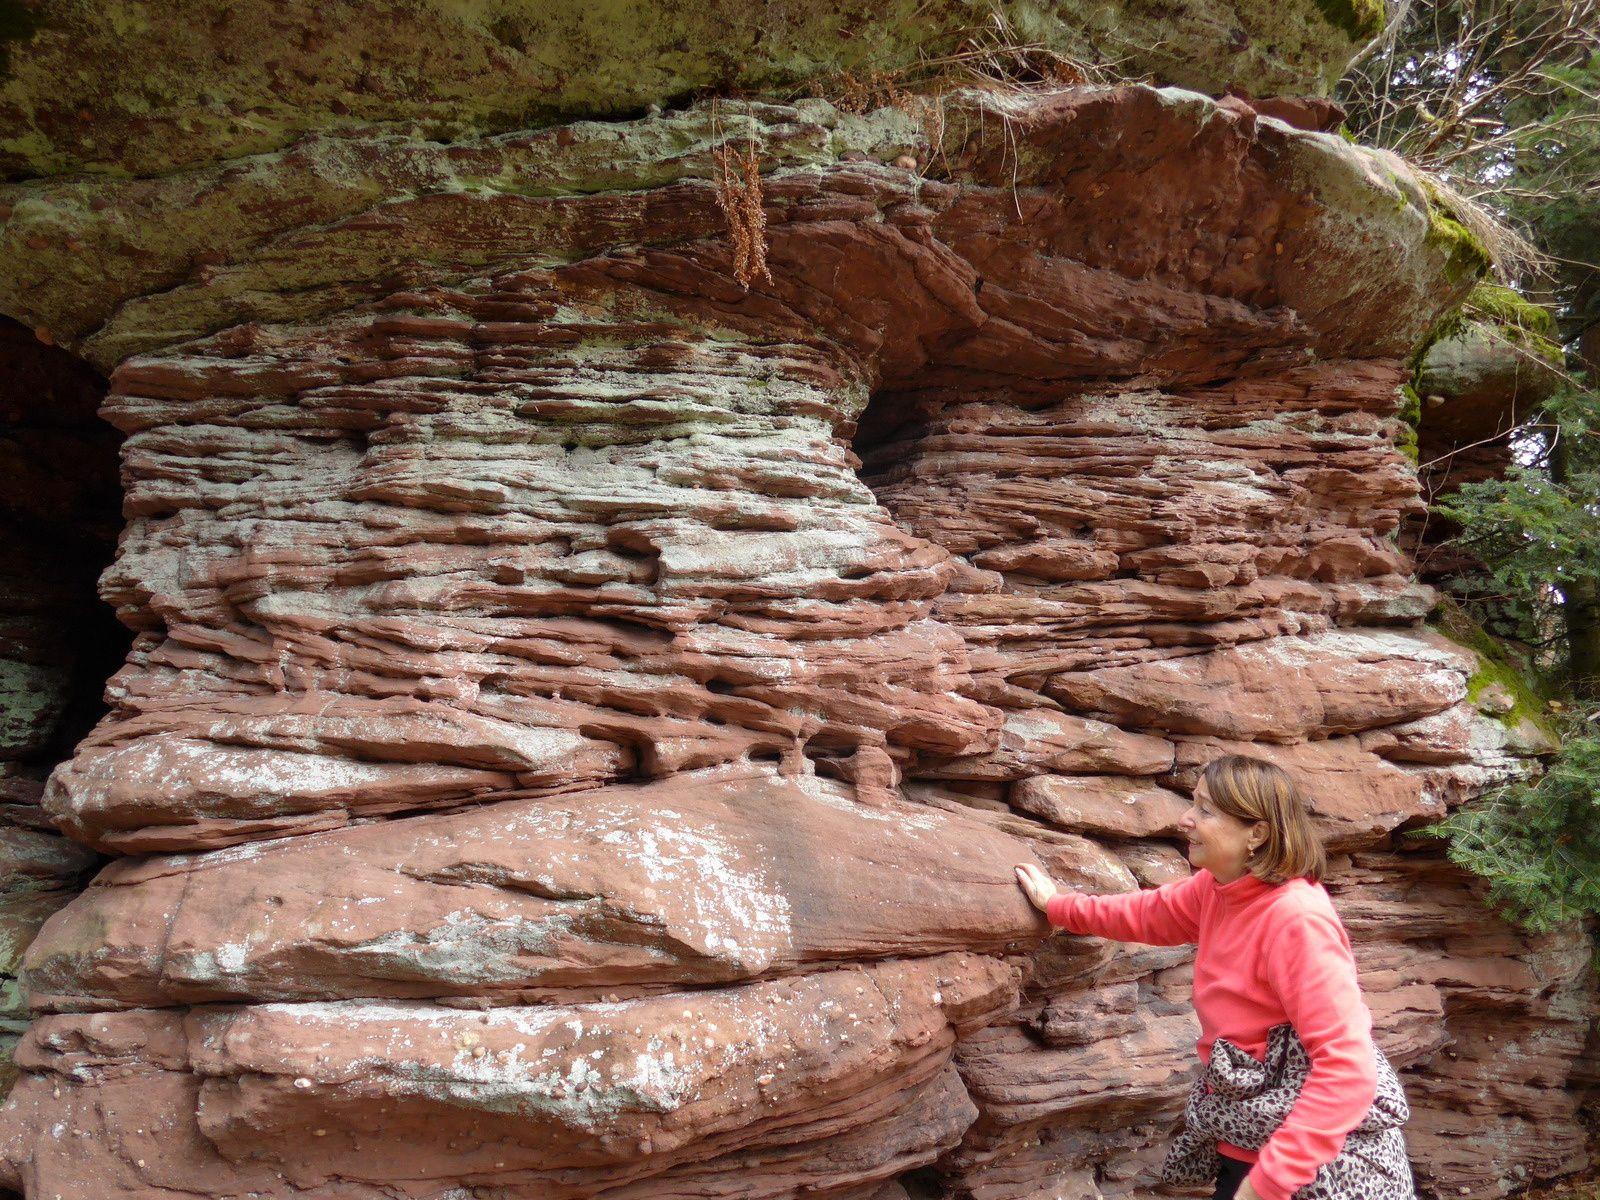 La ronde des roches